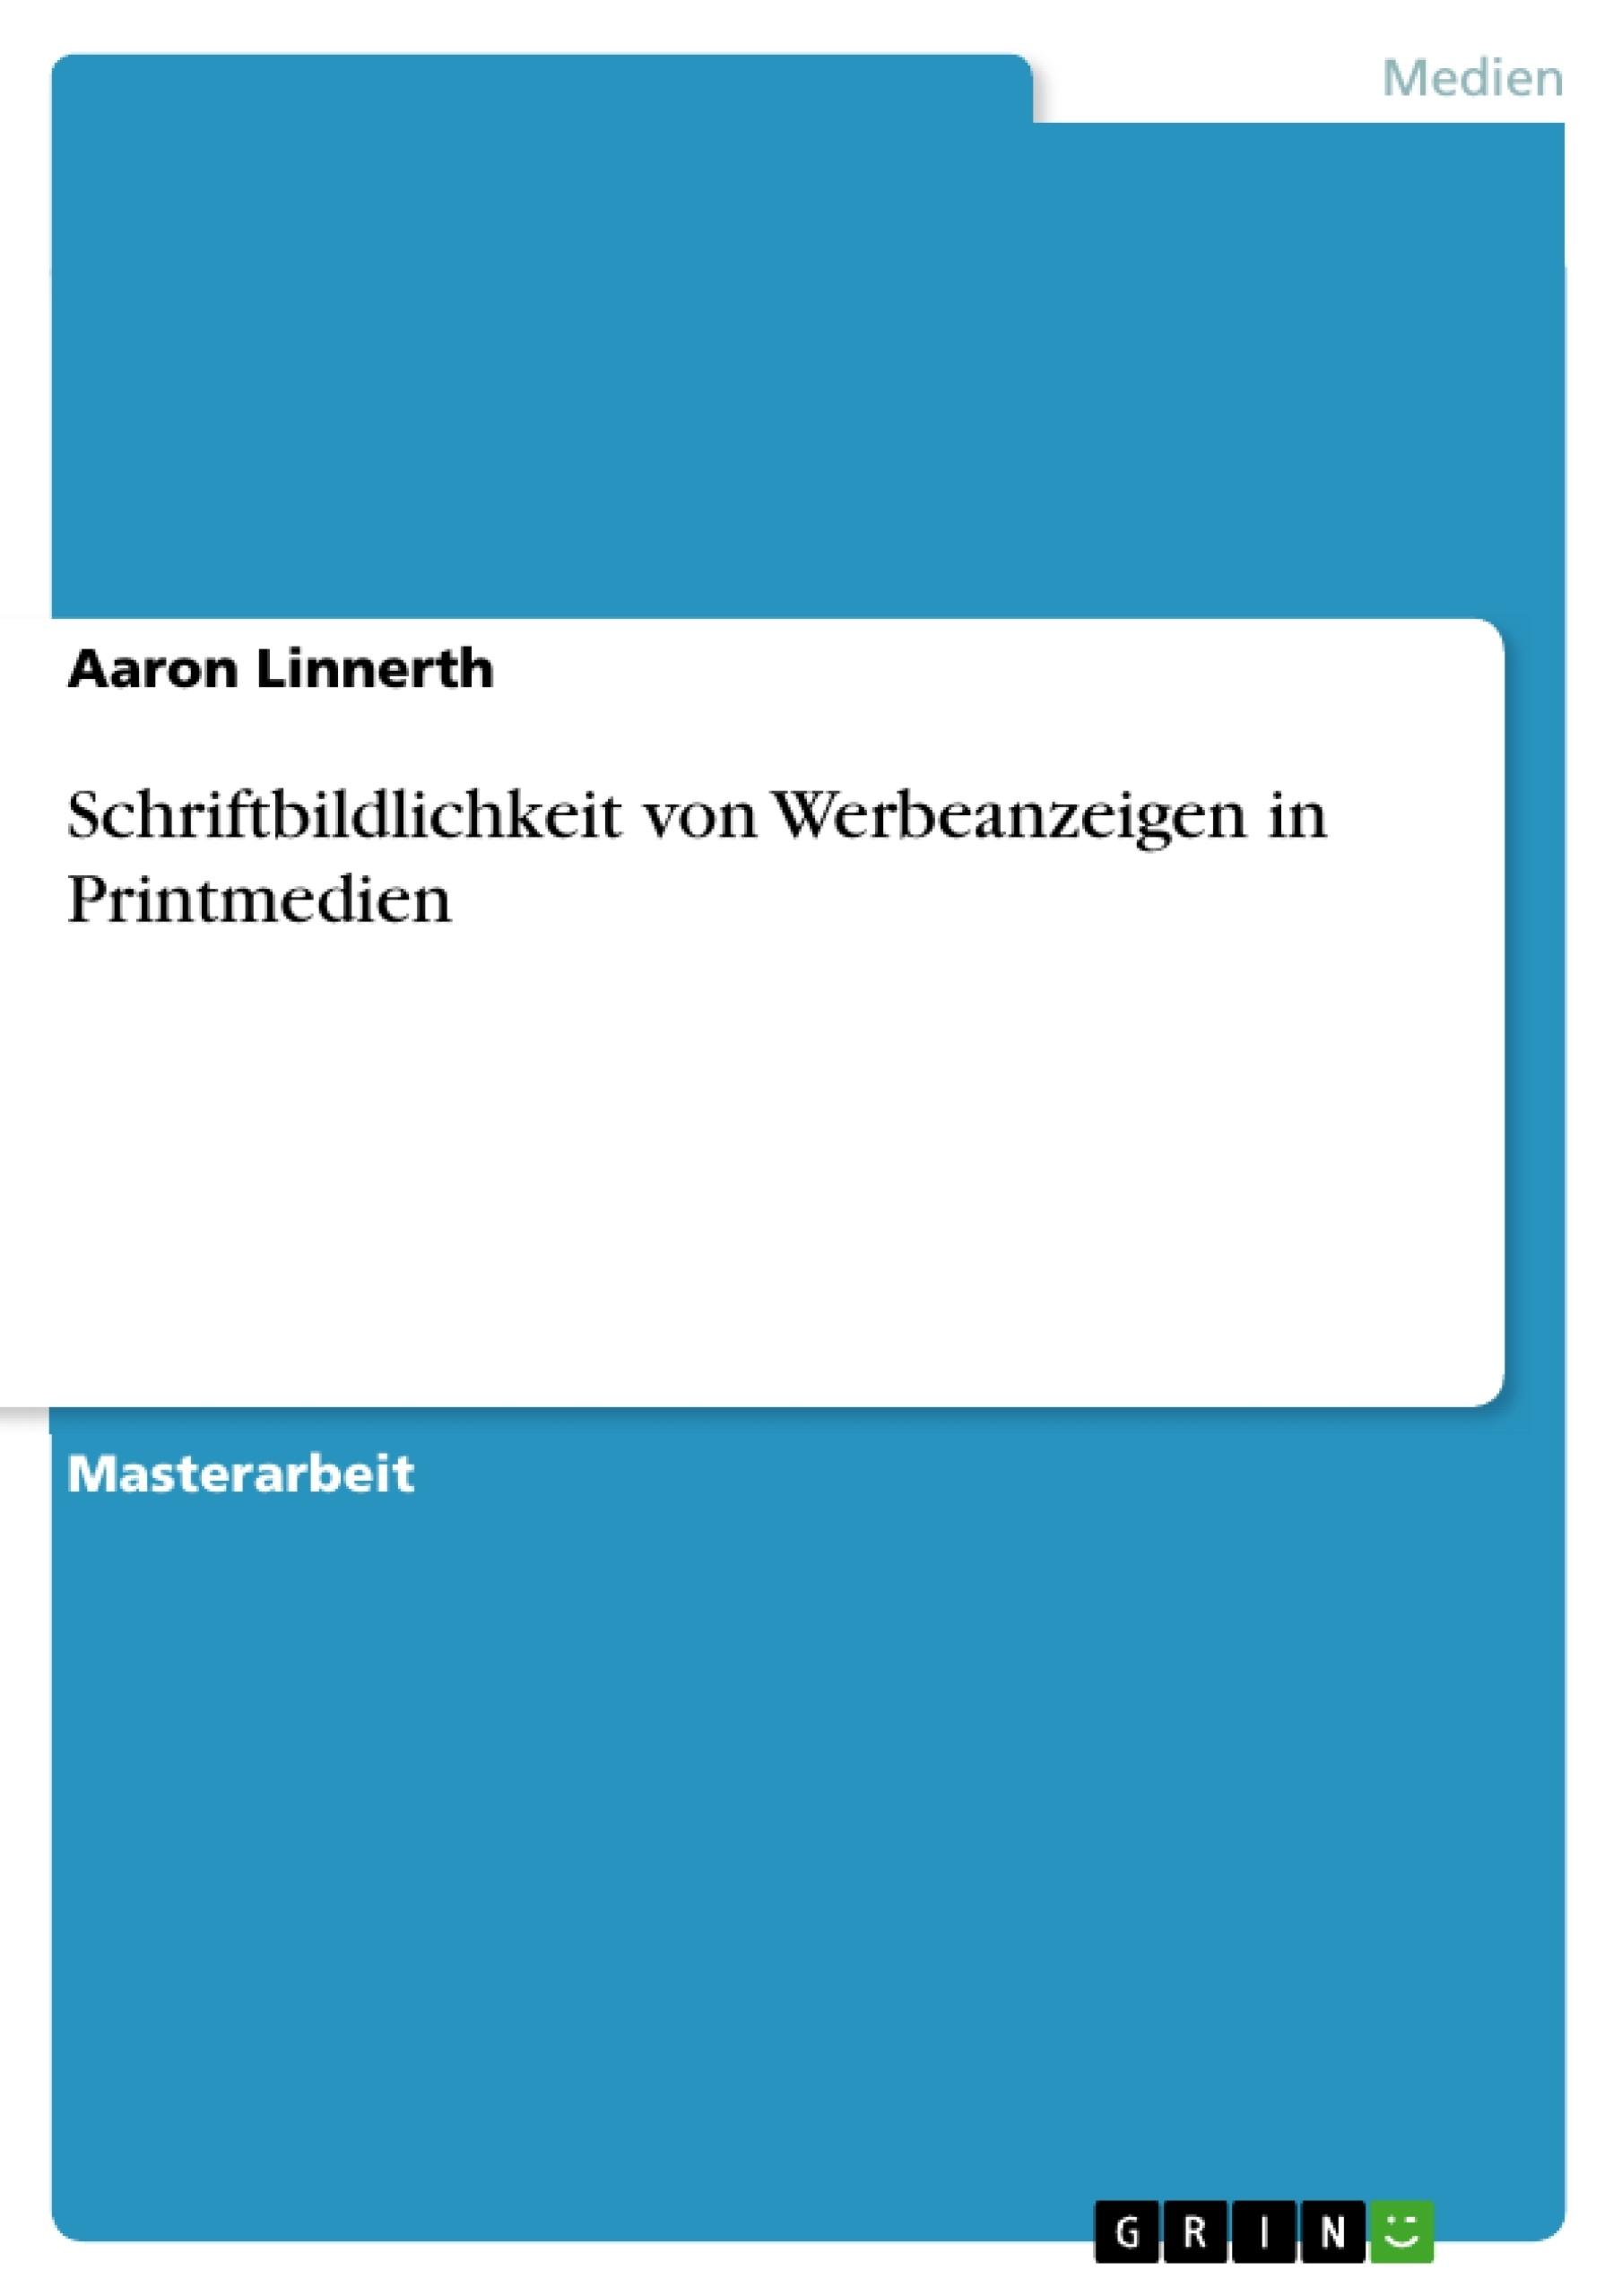 Titel: Schriftbildlichkeit von Werbeanzeigen in Printmedien